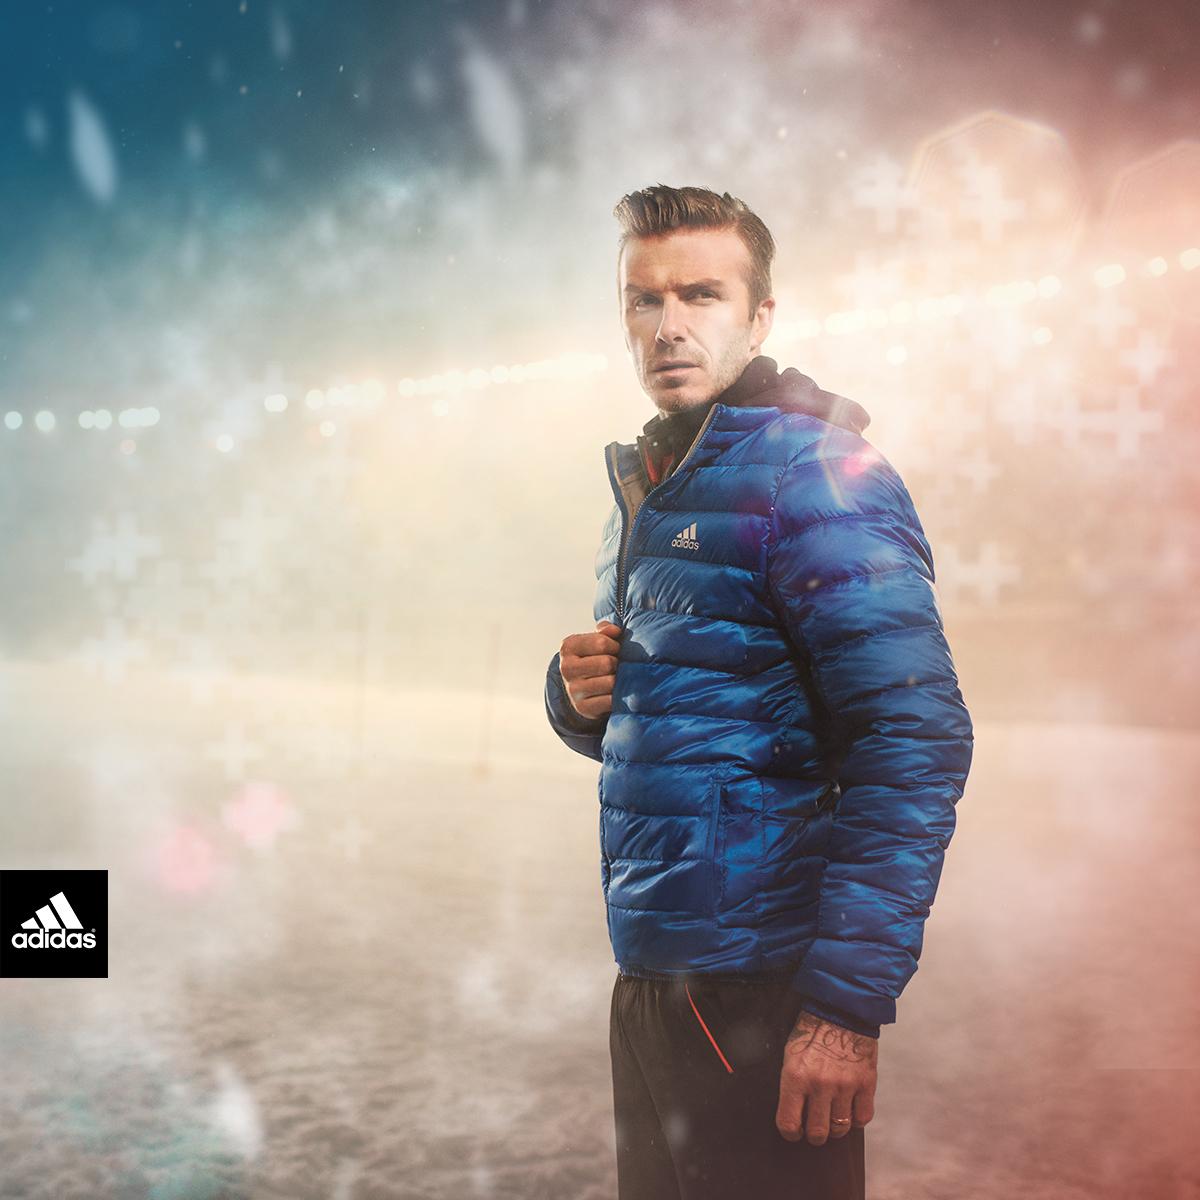 Дэвид Бекхэм в синем коротком пуховике adidas Climawarm+ для занятий спортом зимой